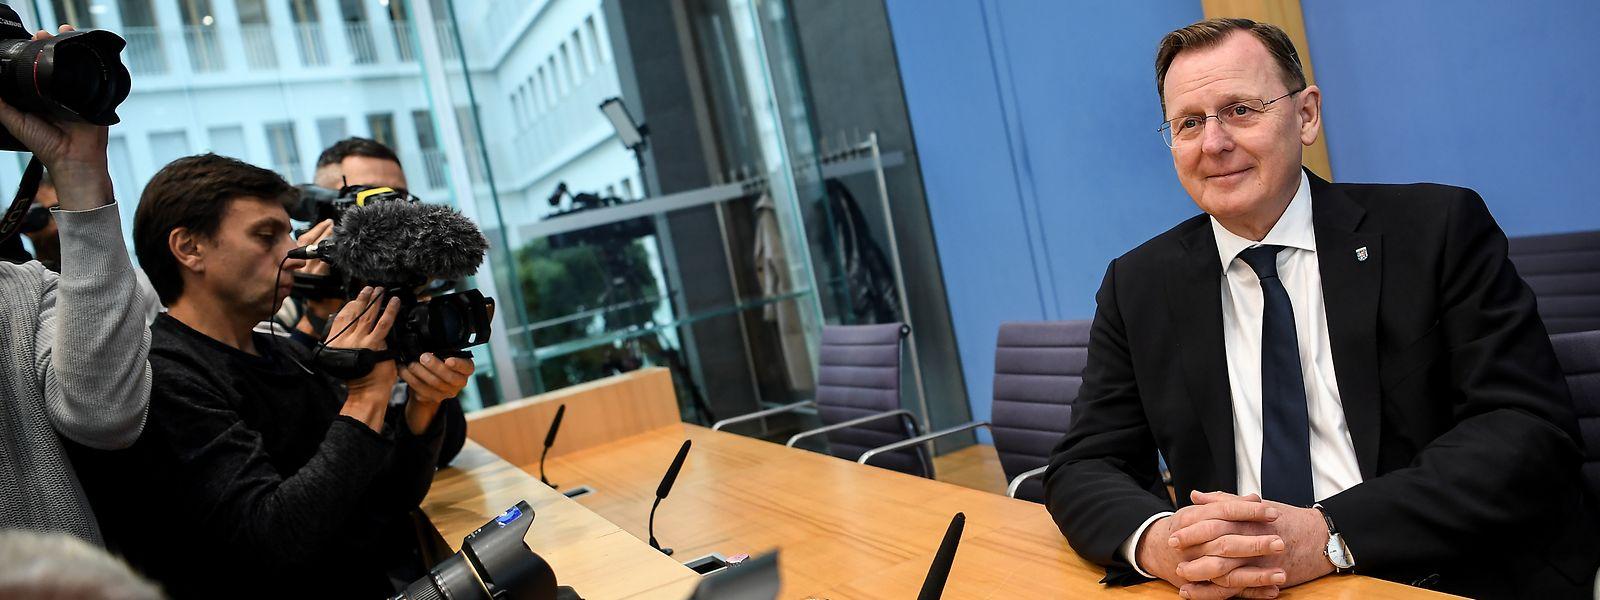 Bodo Ramelow, Spitzenkandidat des Landesverbandes Thüringen der Partei Die Linke gibt eine Pressekonferenz über den Ausgang der Landtagswahl in Thüringen in der Bundespressekonferenz.